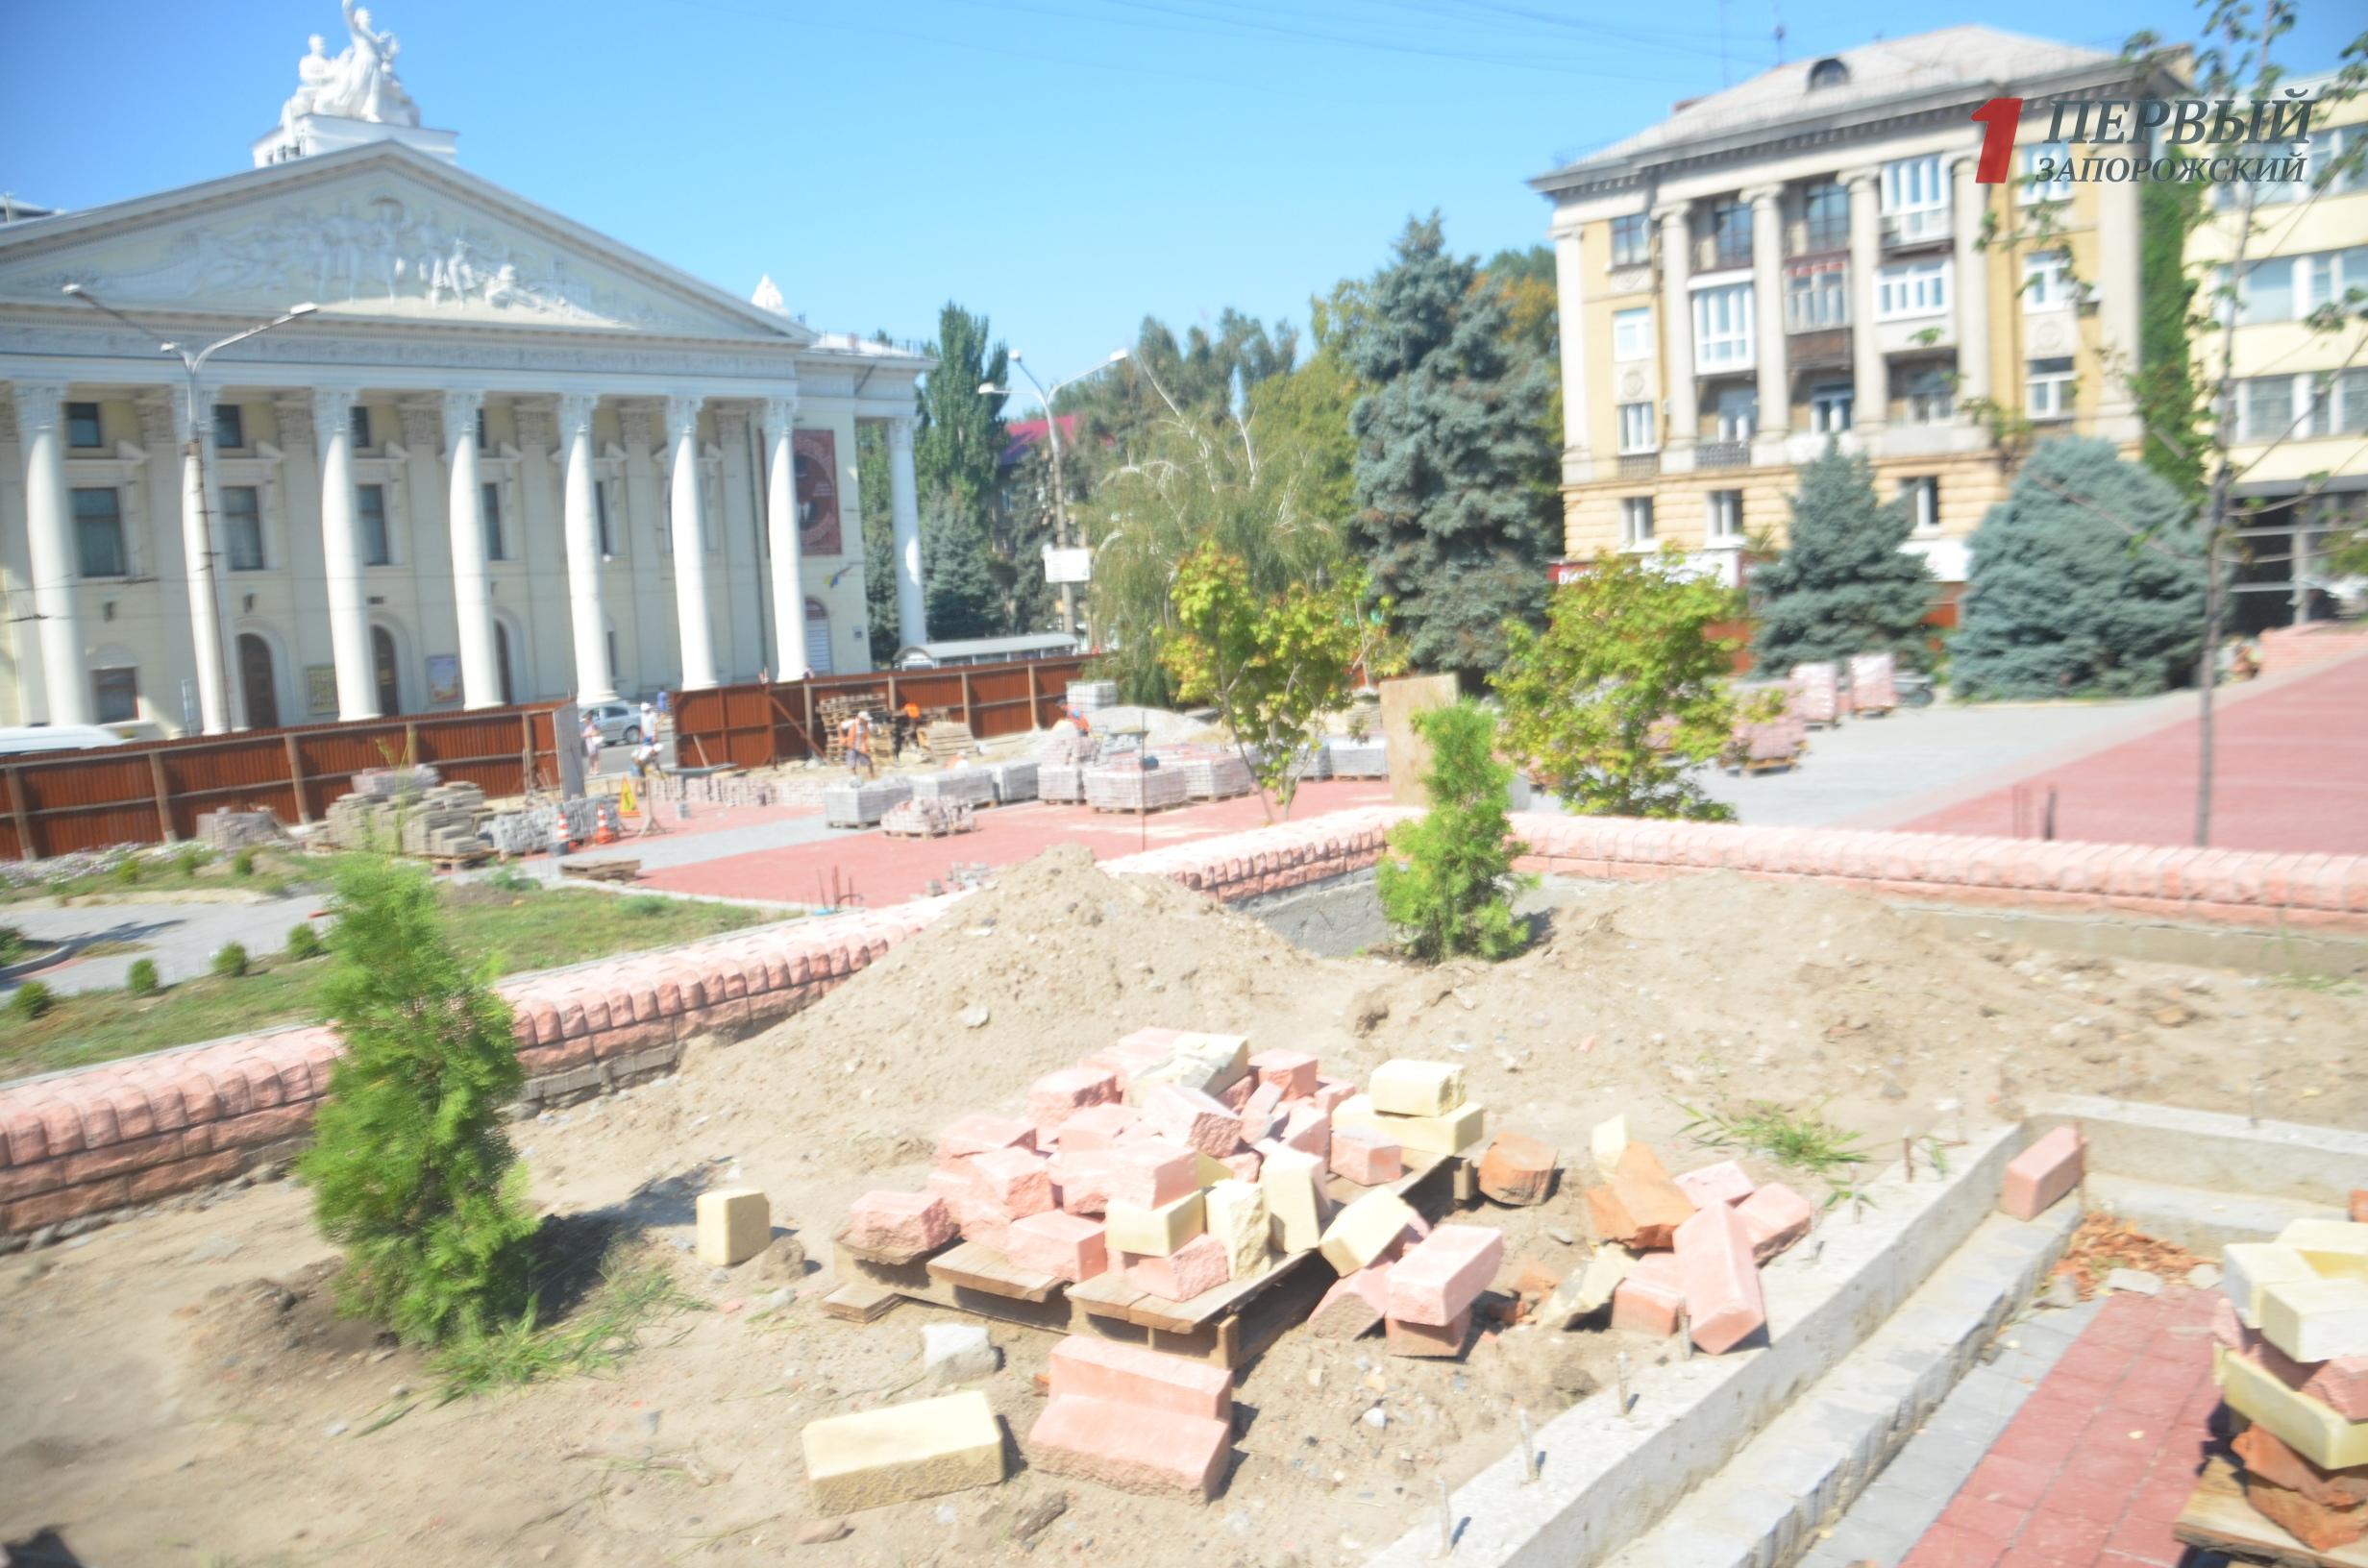 Стало известно, когда в Запорожье откроют обновленный сквер напротив театра имени Магара за 10 миллионов гривен